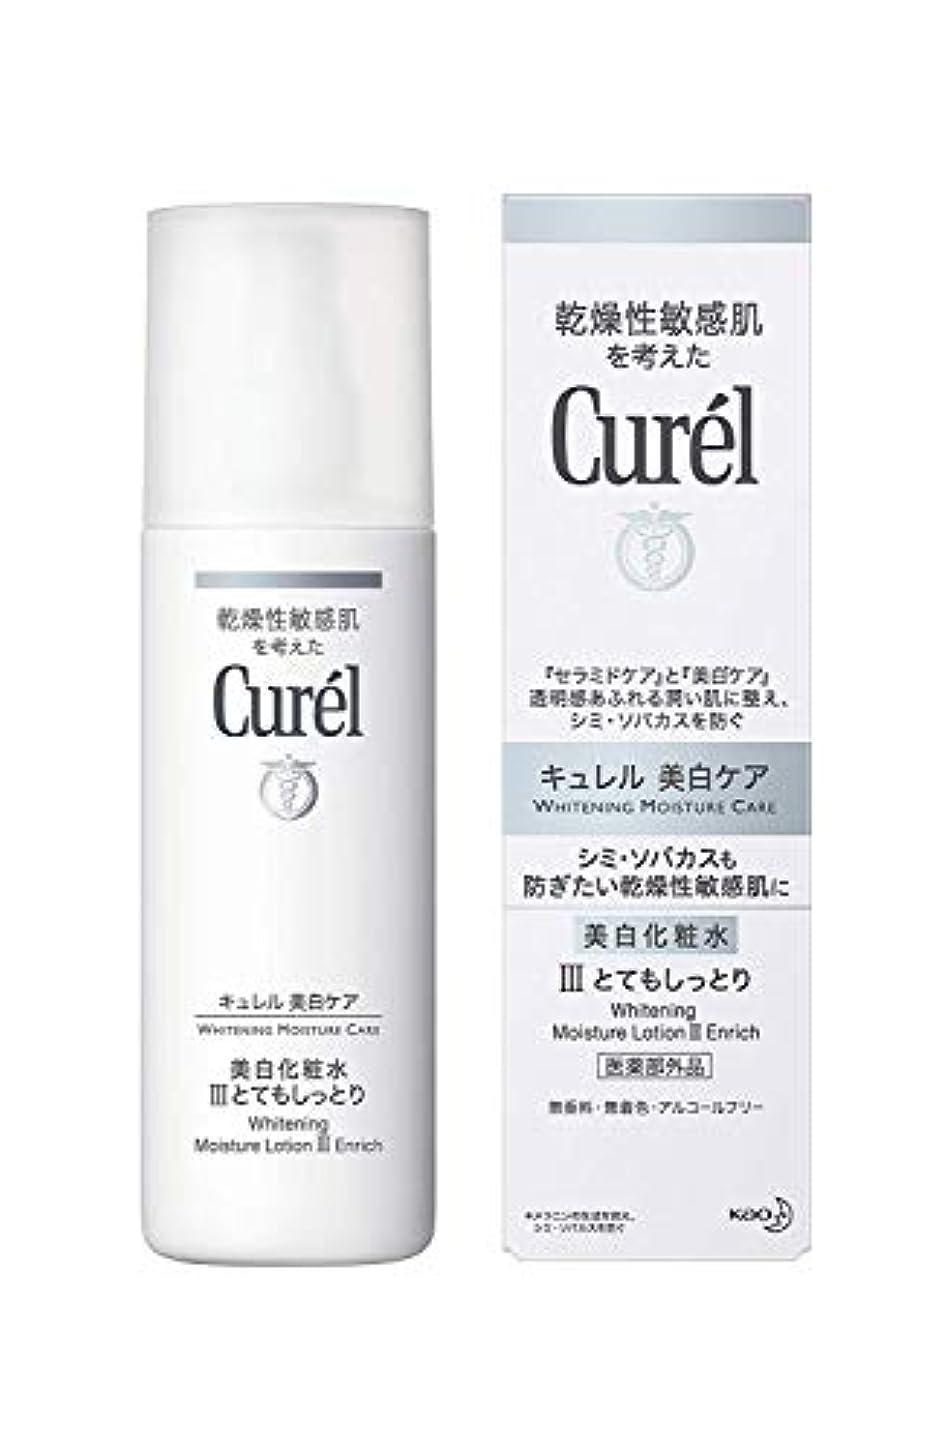 びっくりした承認する角度【花王】キュレル 美白化粧水III リッチ(140ml) ×5個セット